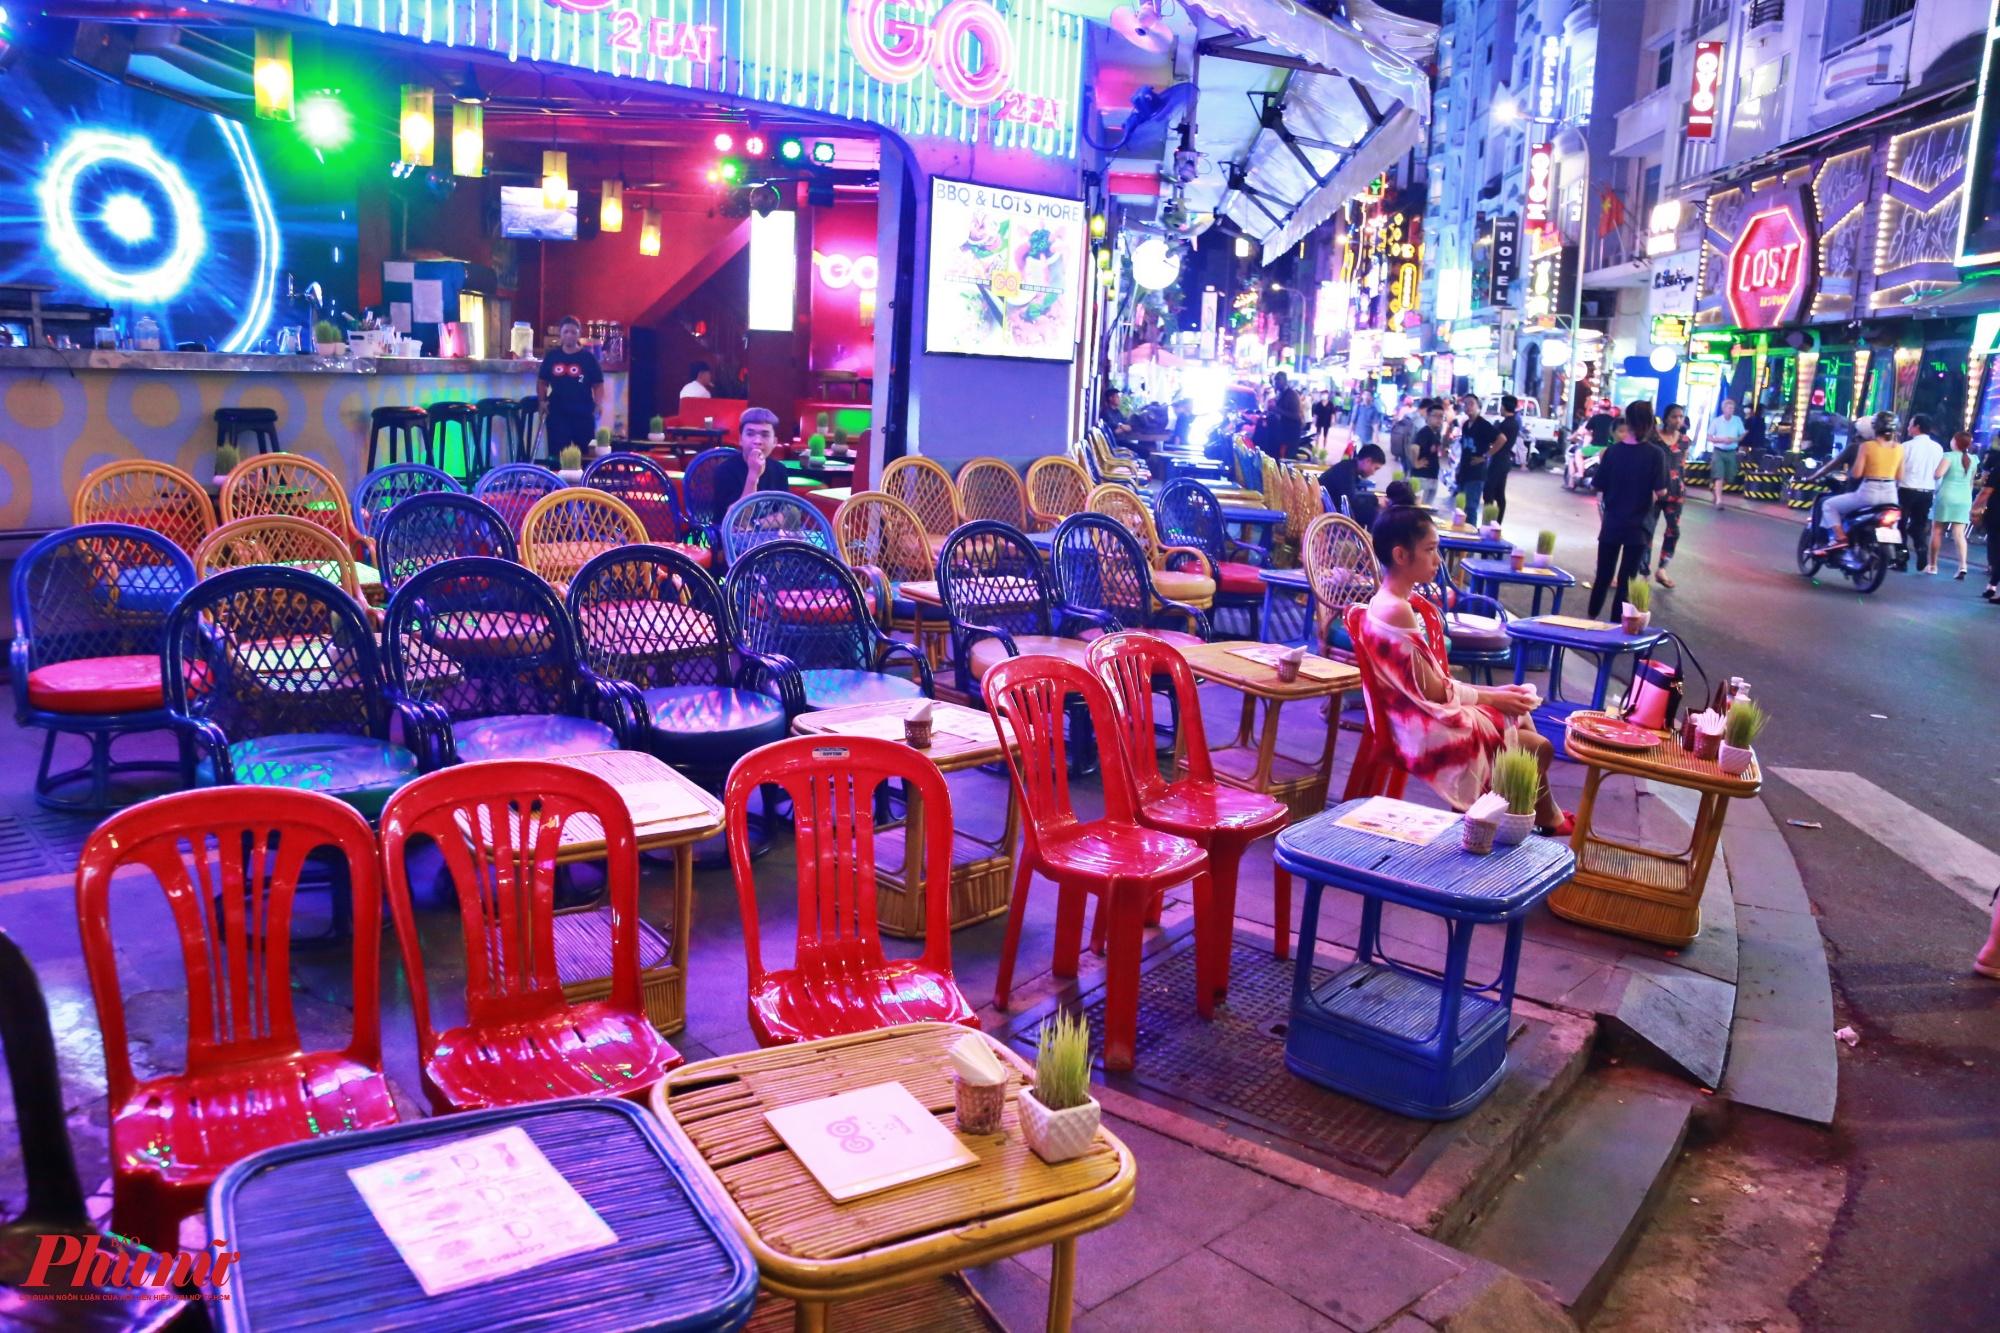 """Thay vì cảnh tượng thường thấy trước đây là tất cả các nhà hàng đều tấp nập, hết bàn, hết chỗ, phải đặt bàn trước, với rất nhiều chương trình vui chơi, giải trí """"đỏ đèn"""" hàng đêm, bây giờ là cảnh vắng lặng triền miên."""